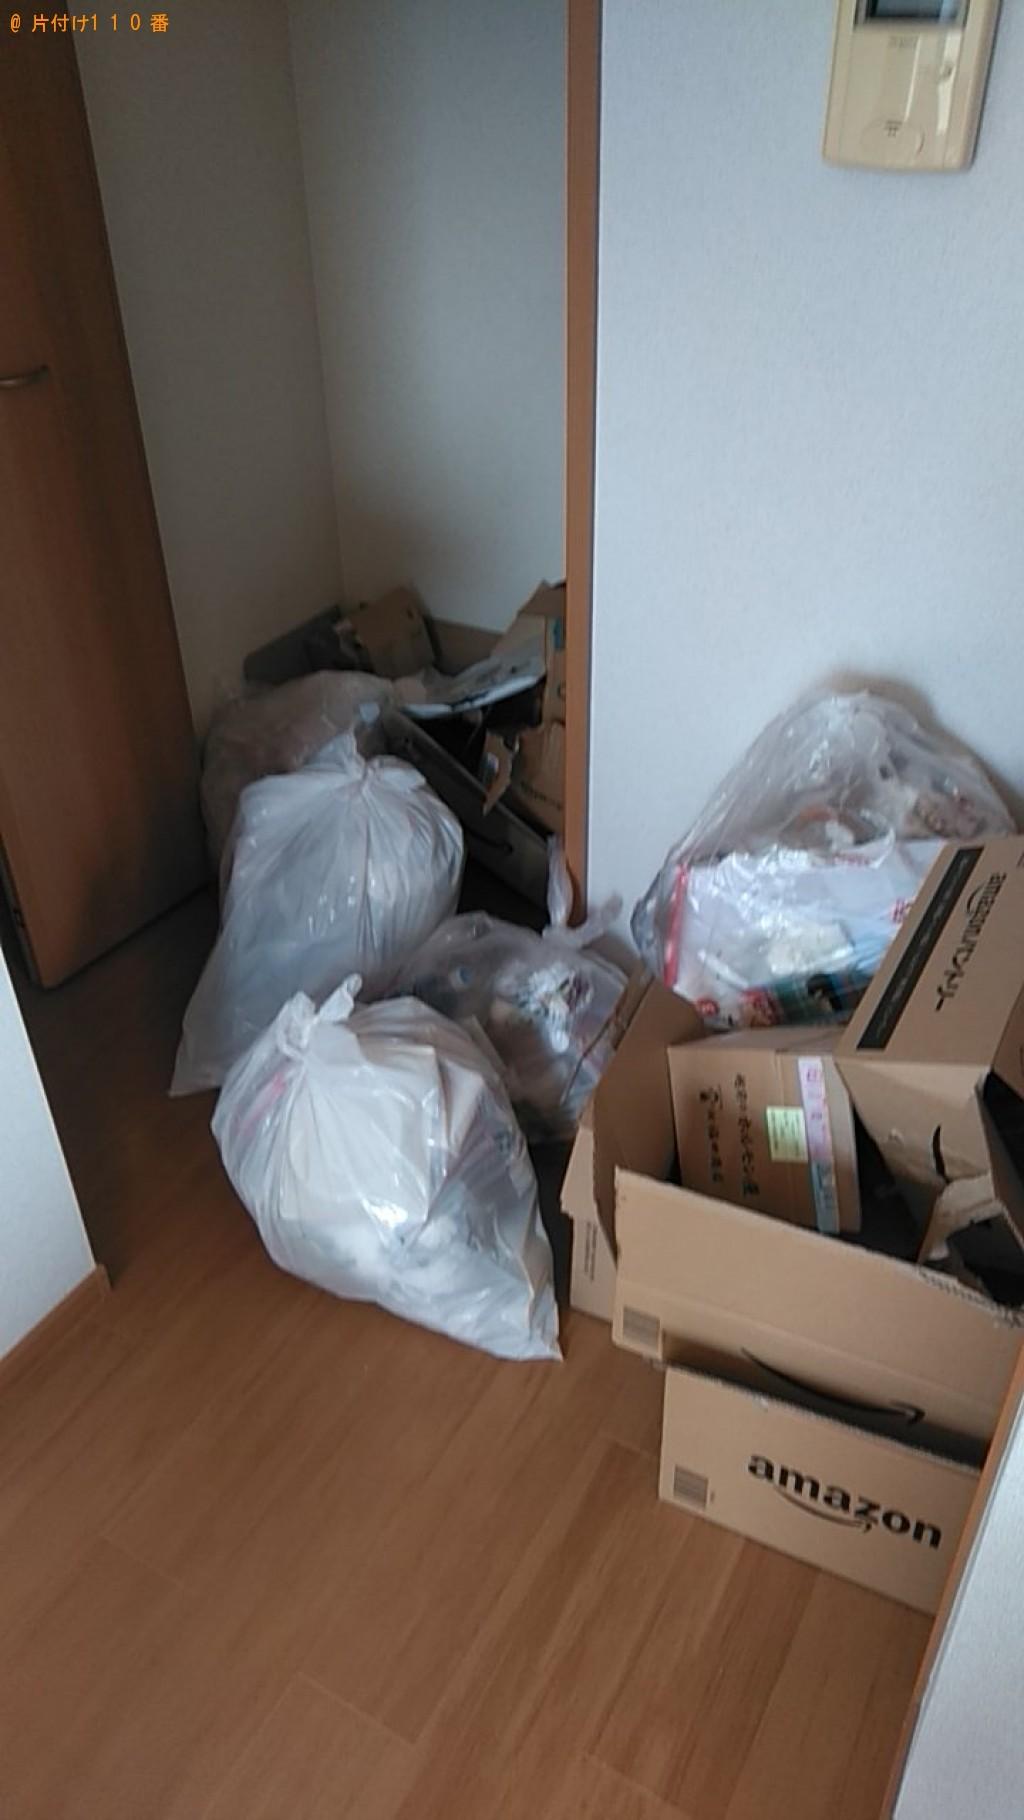 【長崎市】家庭ごみ、ダンボールの回収・処分ご依頼 お客様の声